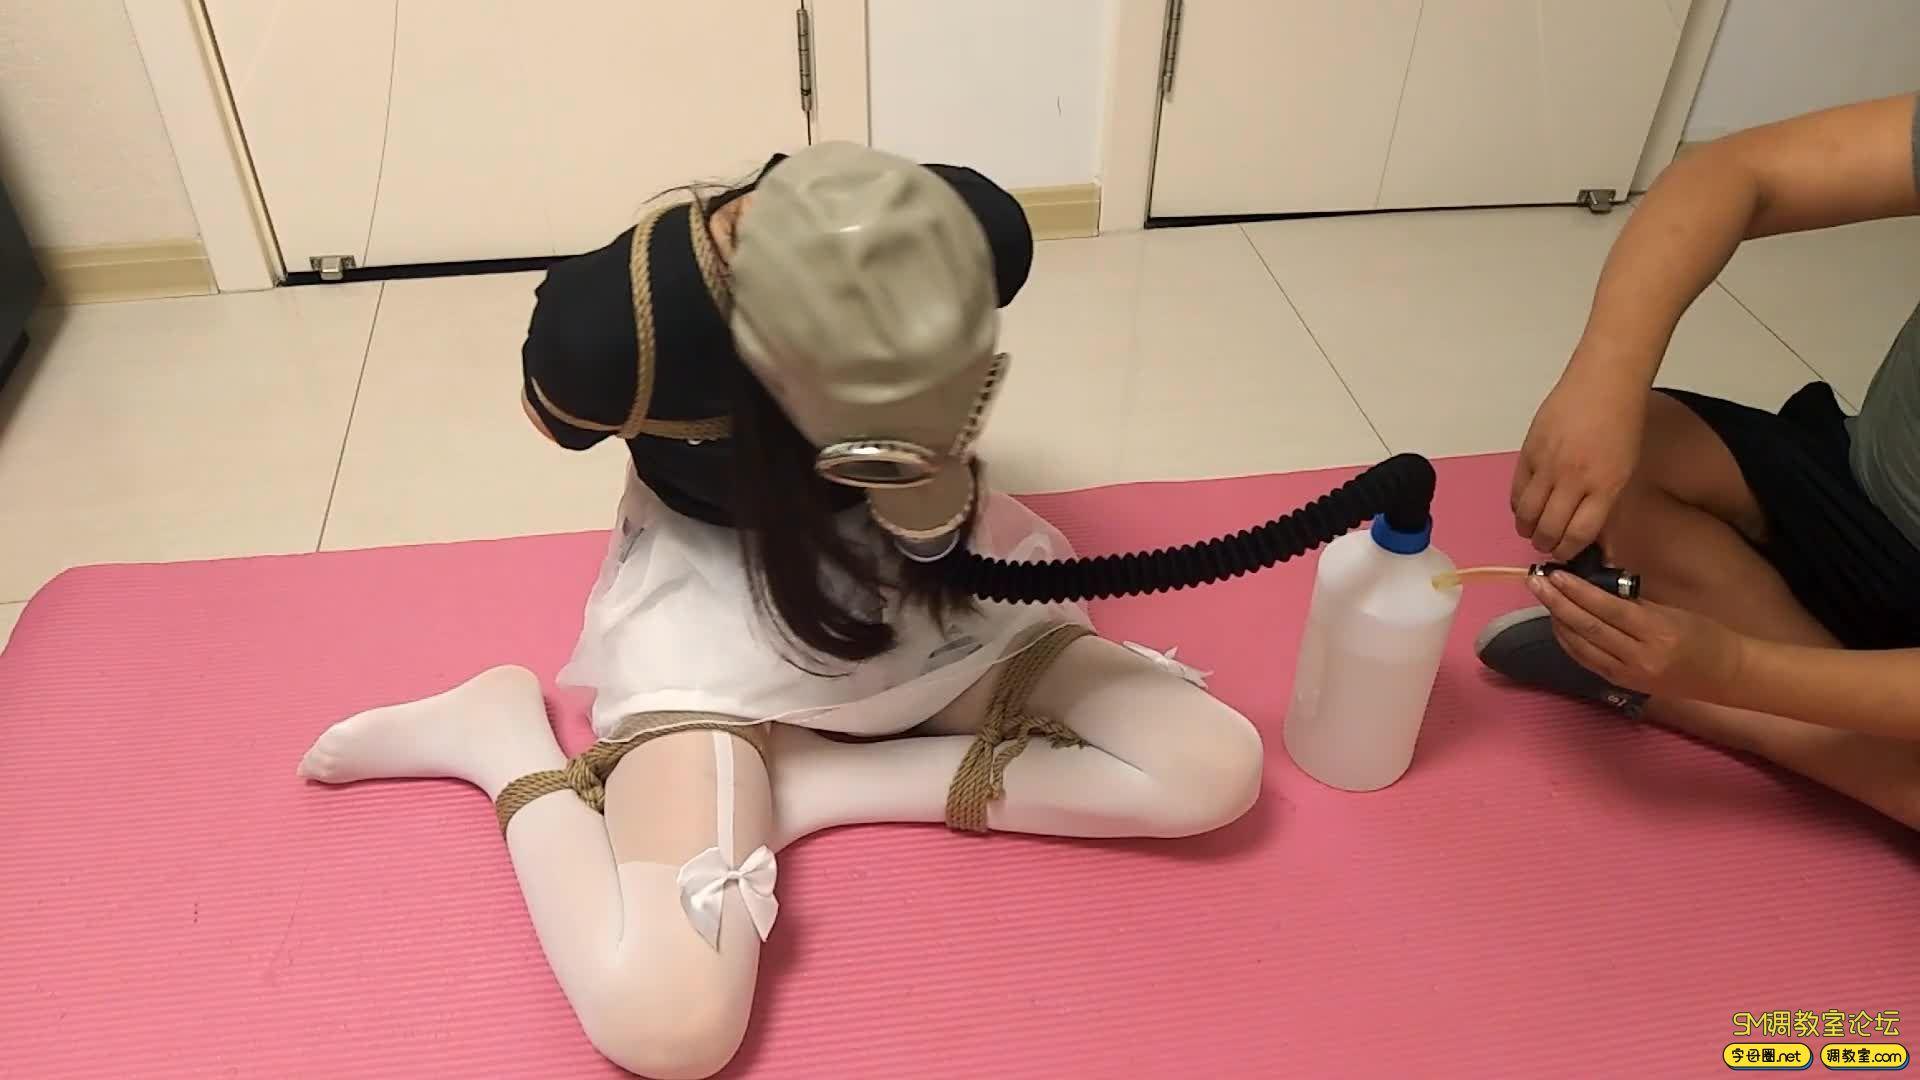 【旋律受虐记】全封闭头套+防毒面具+负压瓶 白丝驷马 M字开腿-视频截图6